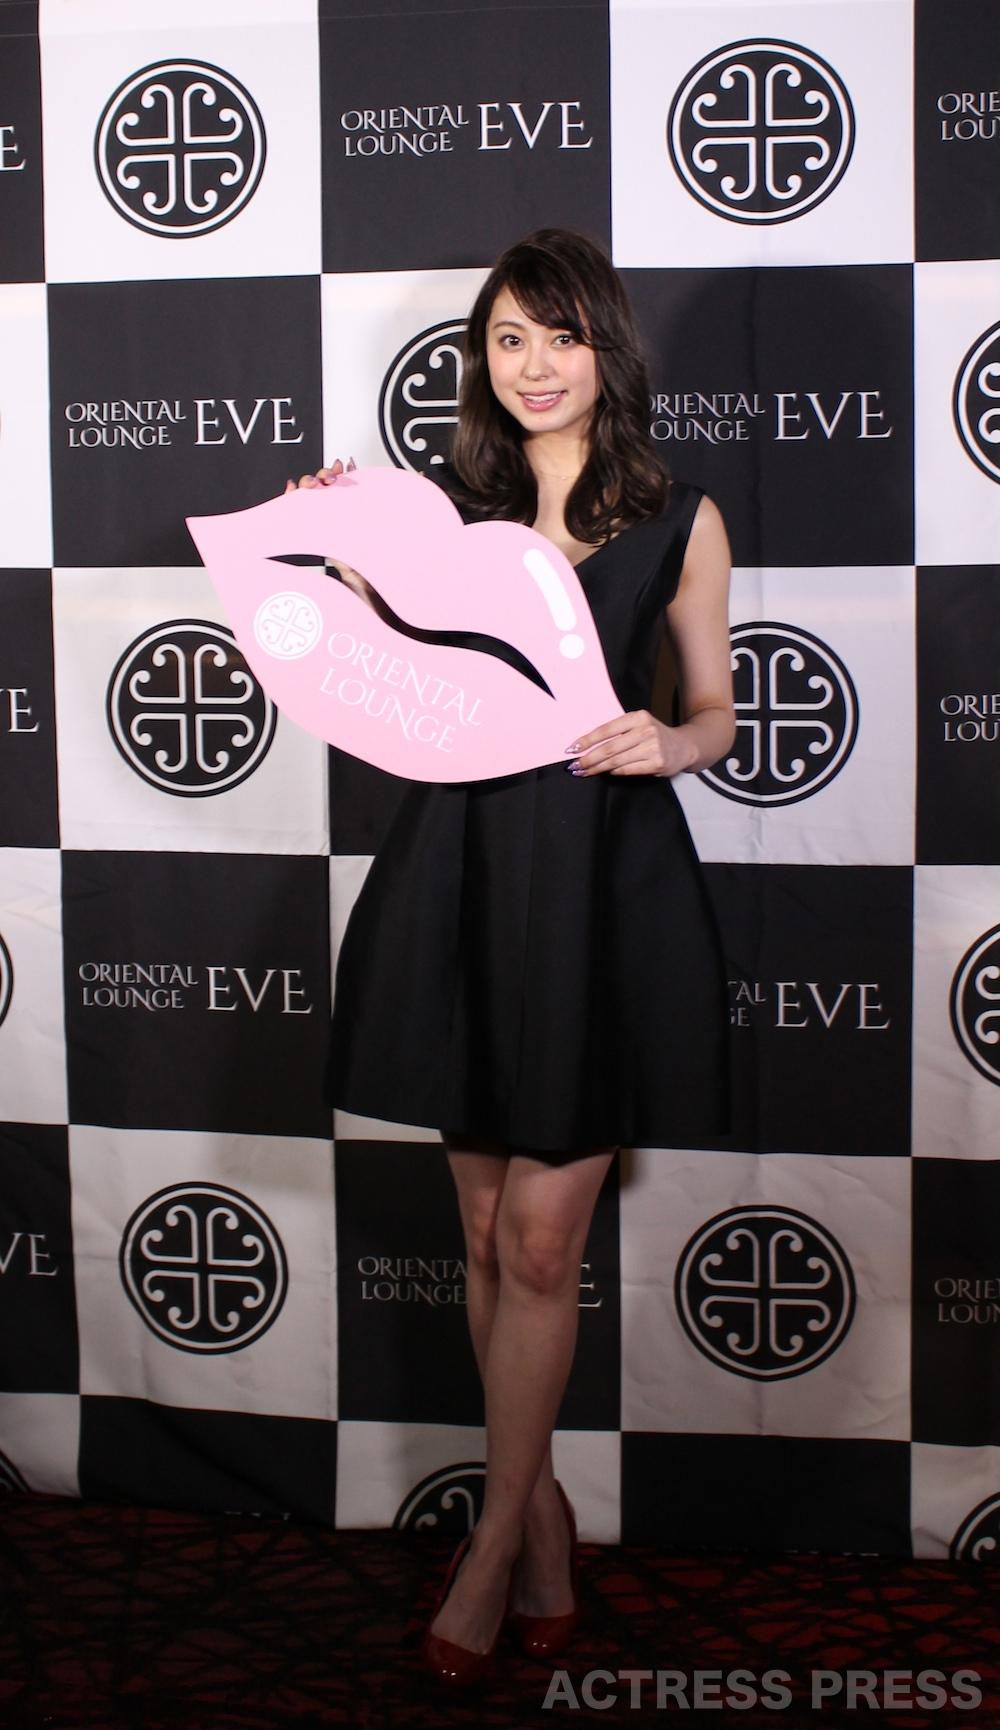 大川藍・ORIENTAL LOUNGE EVE 渋谷店